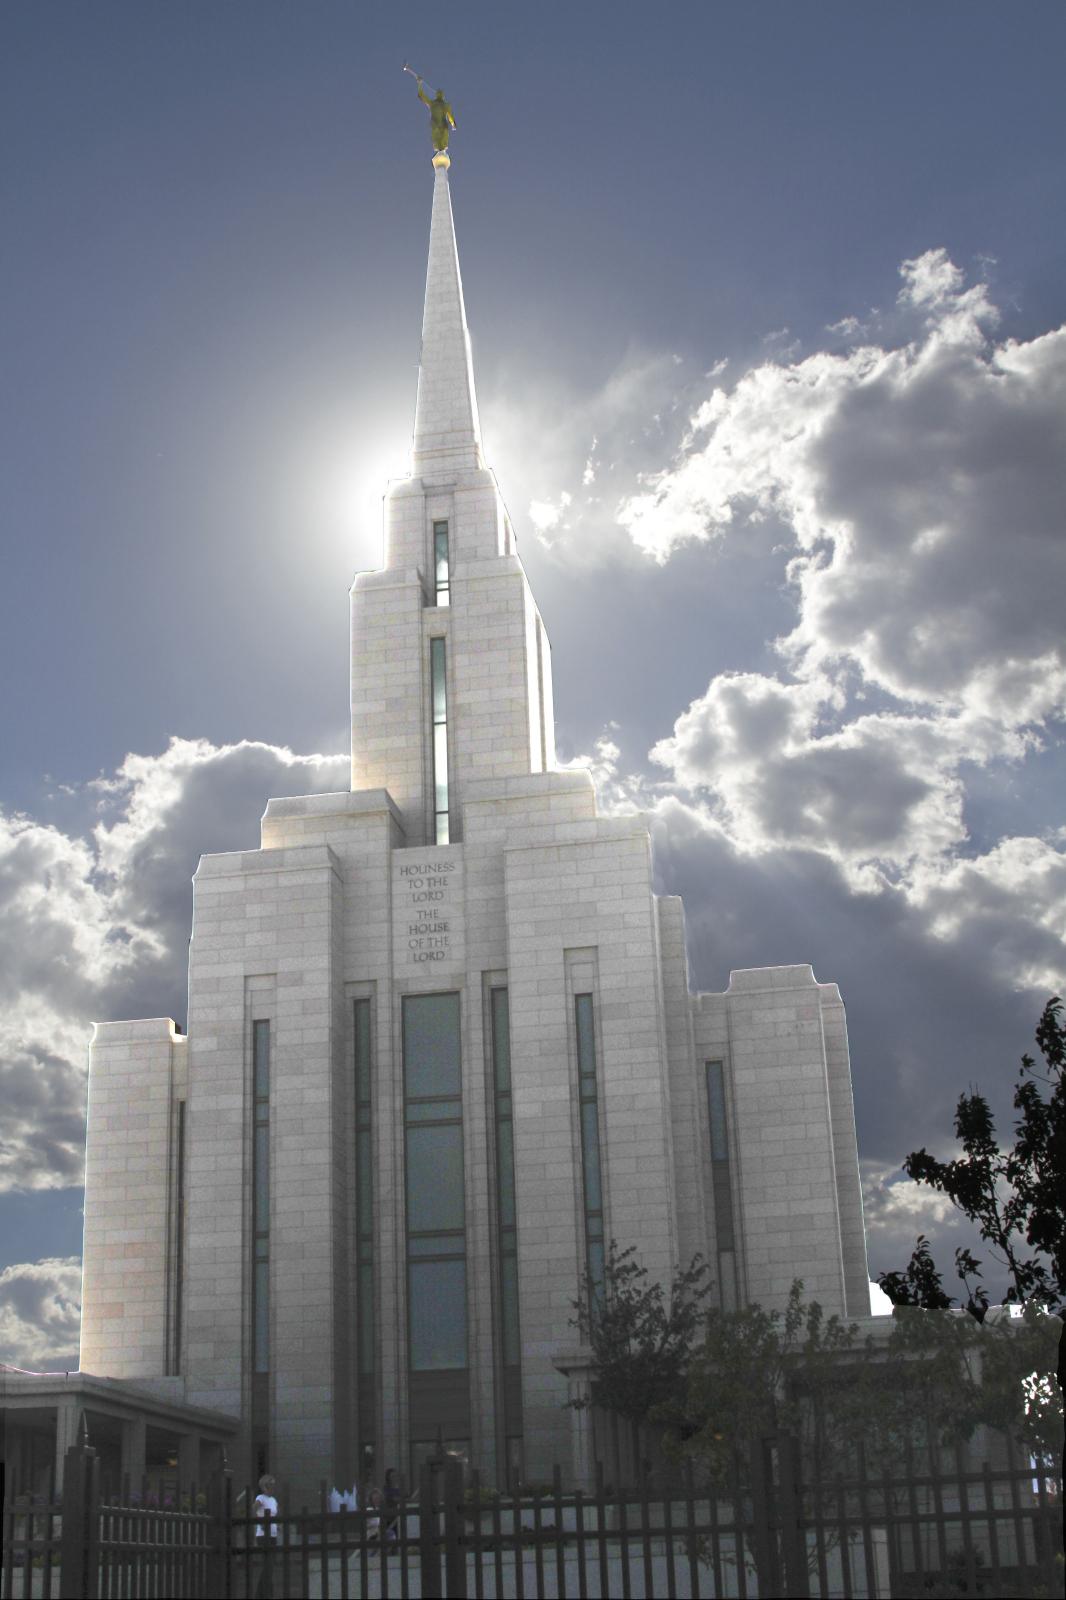 Oquirrh Mountain Utah Temple